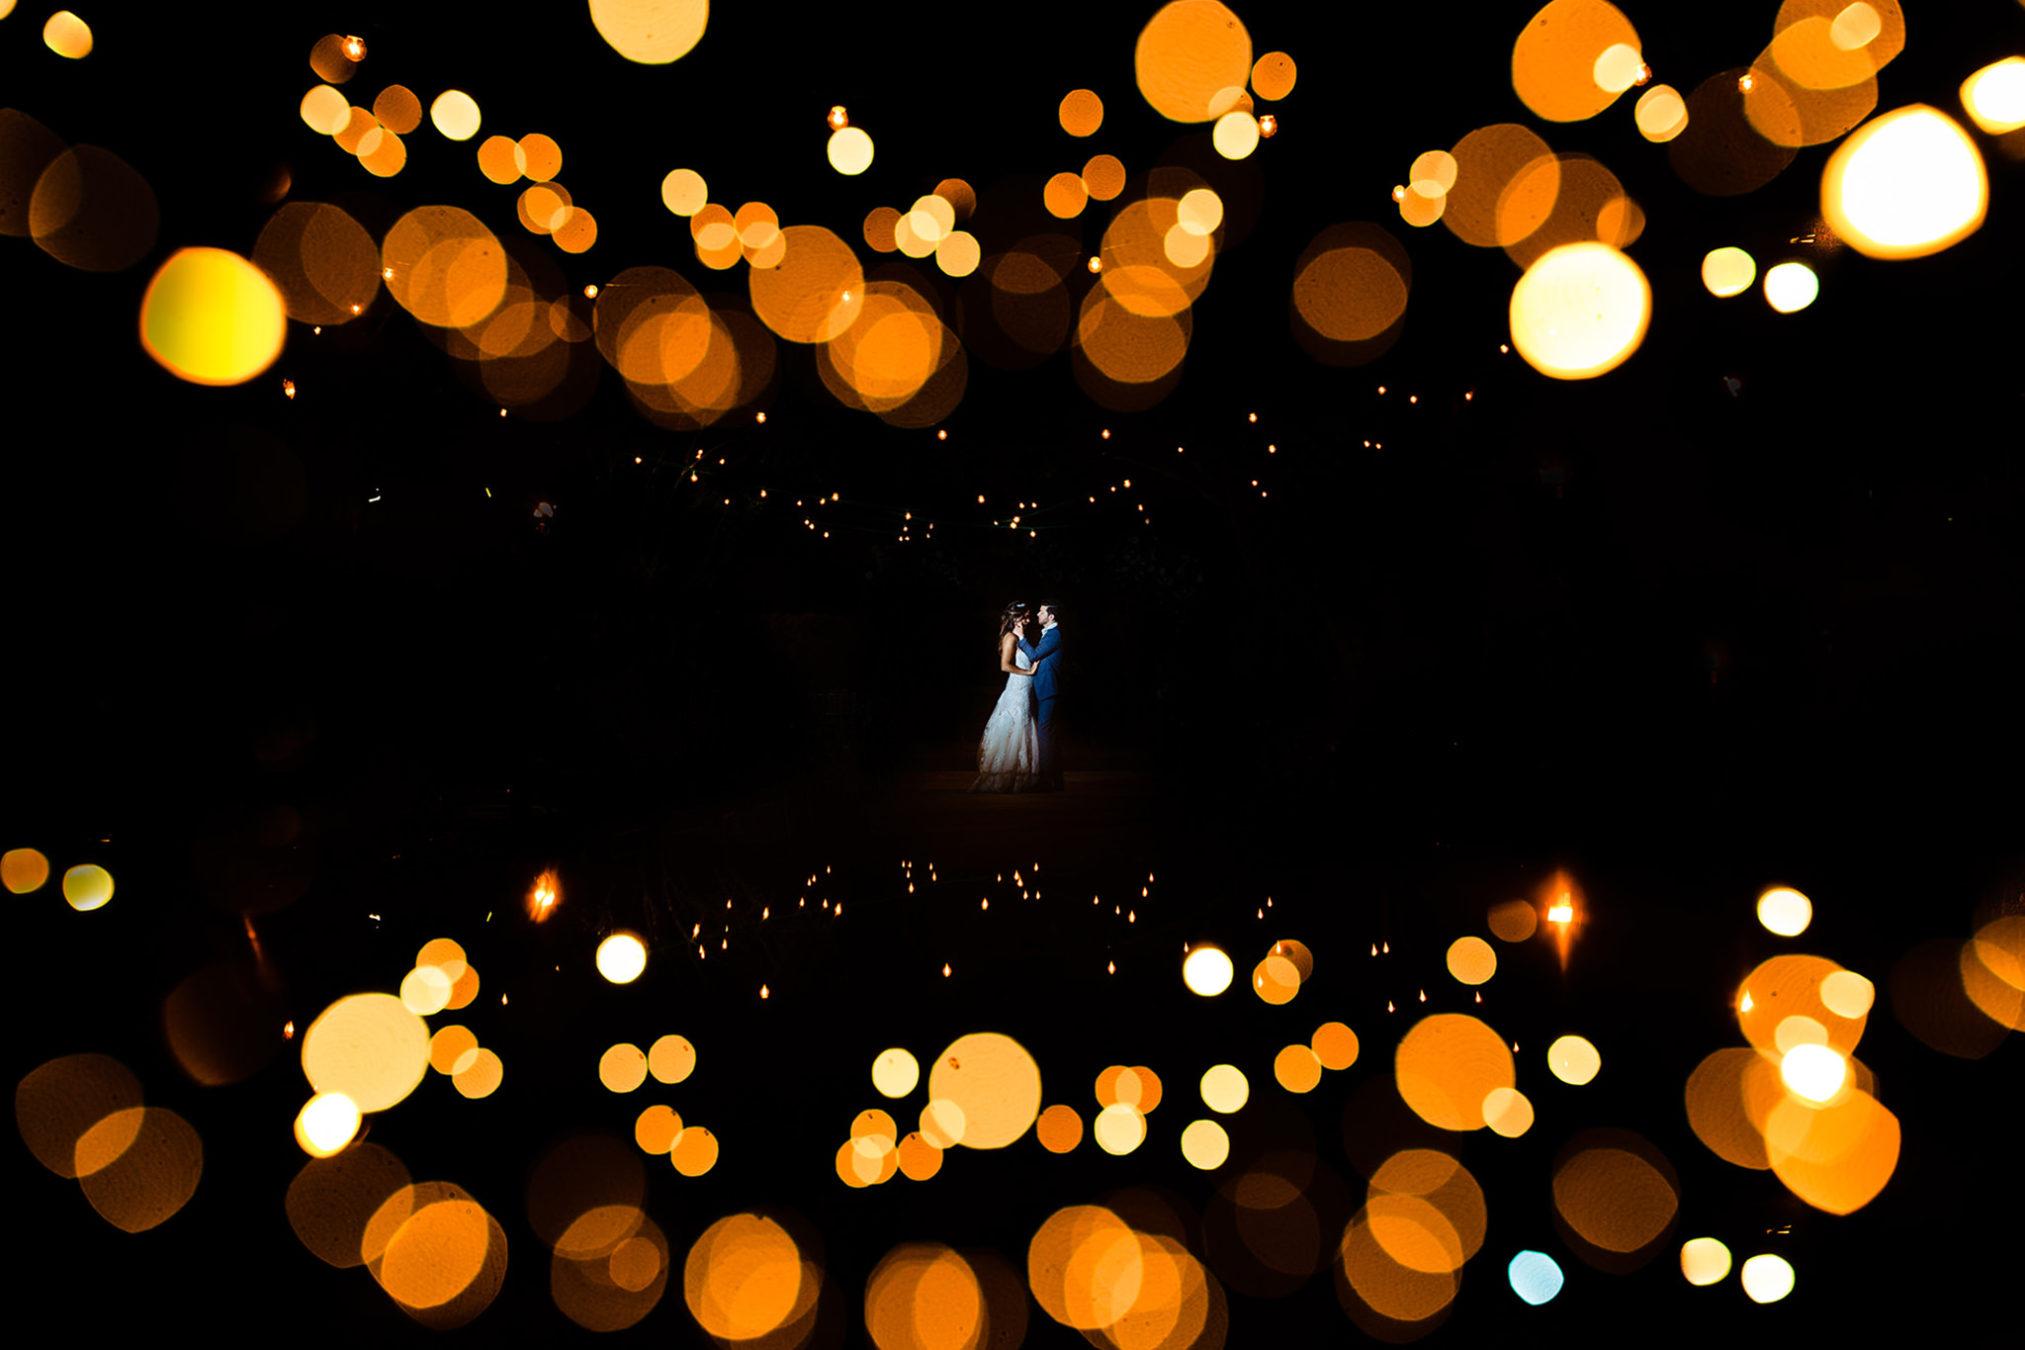 kreativ Hochzeitsfotografie